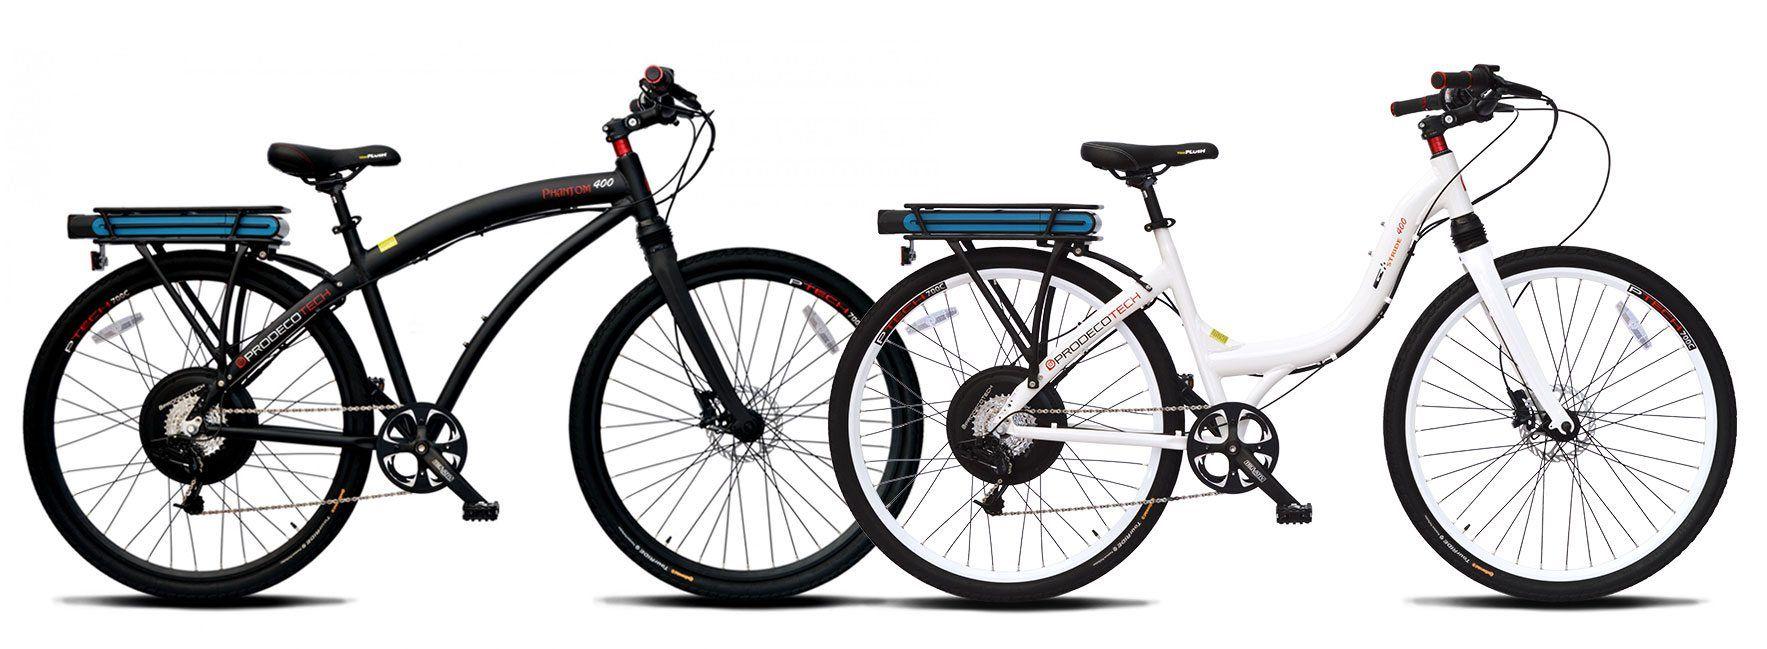 Win An Electric Bike Free Entry Electric Bike Bike News Ebike